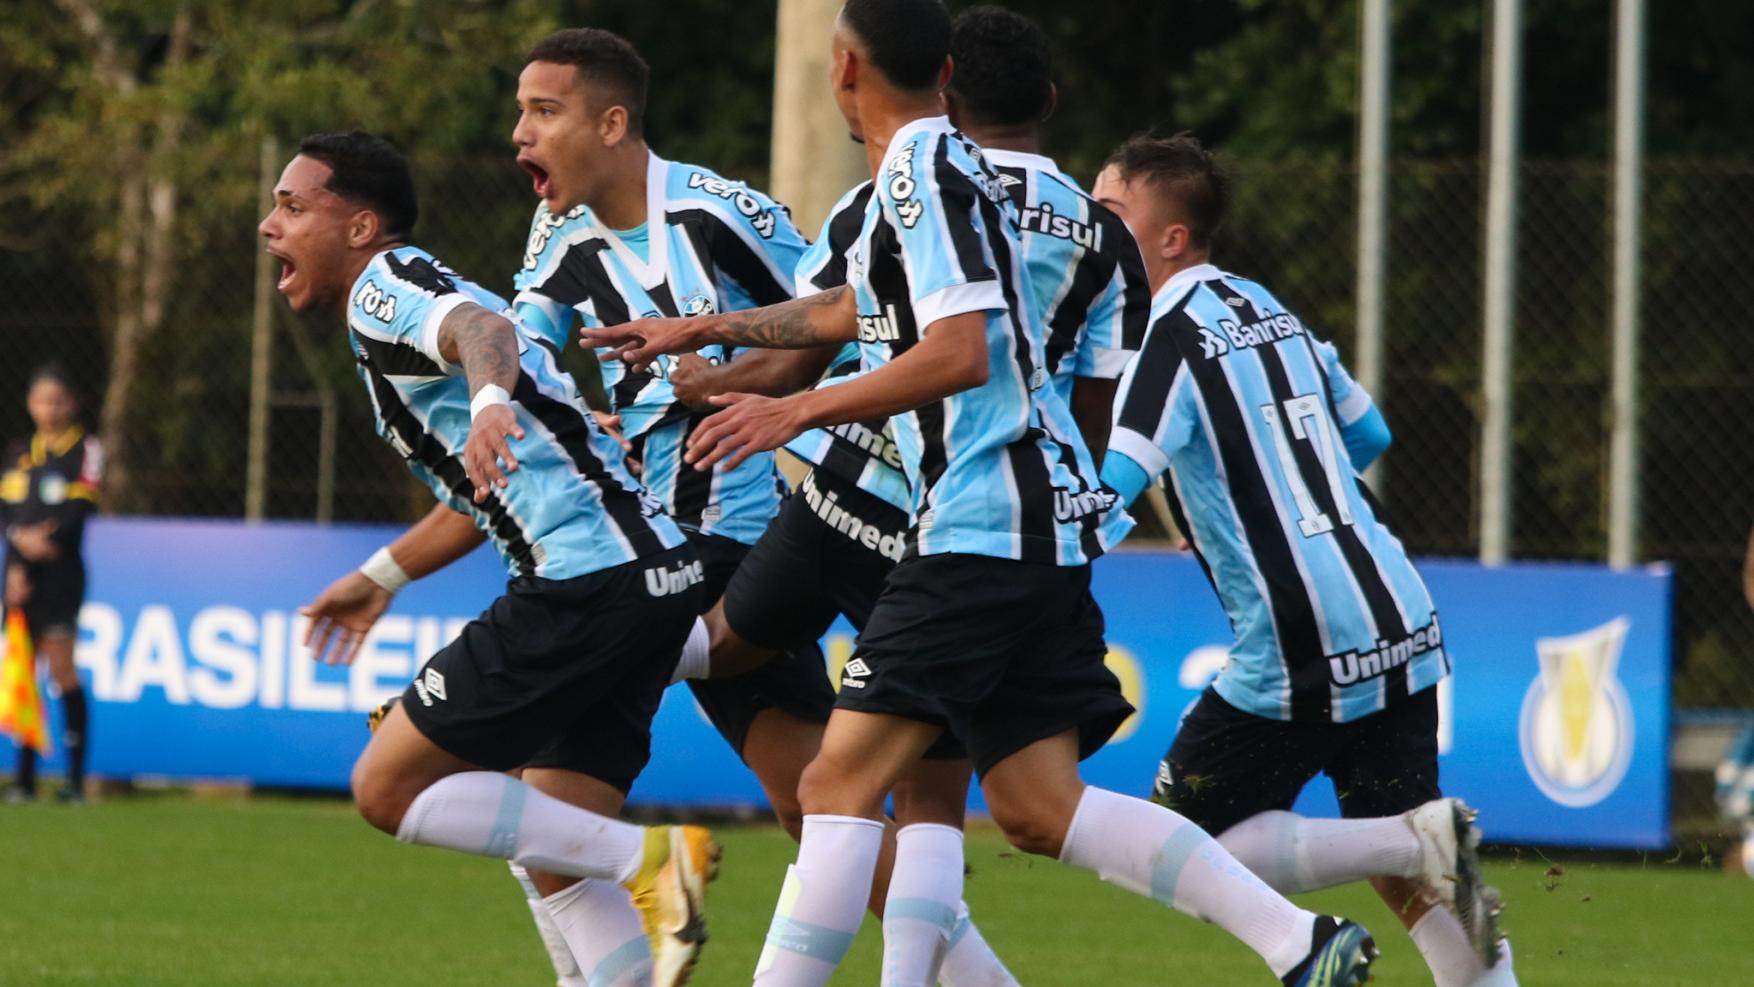 Nos acréscimos, Grêmio marca dois e vence Fortaleza pelo Brasileirão Sub-20